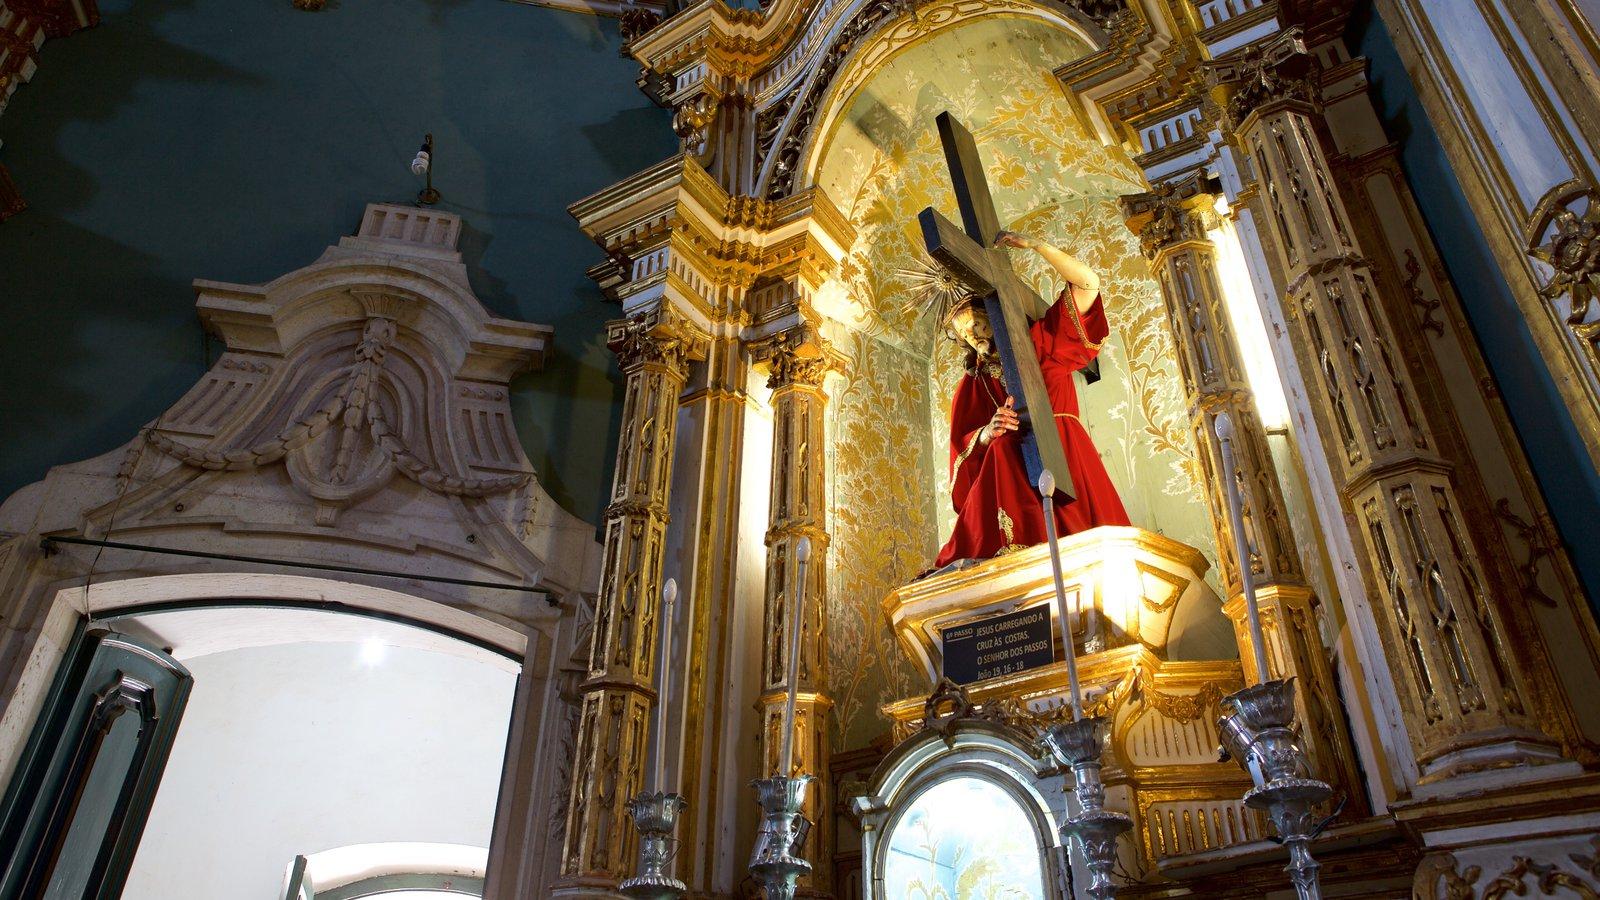 Igreja e Convento de São Francisco de Salvador caracterizando uma estátua ou escultura, uma igreja ou catedral e vistas internas